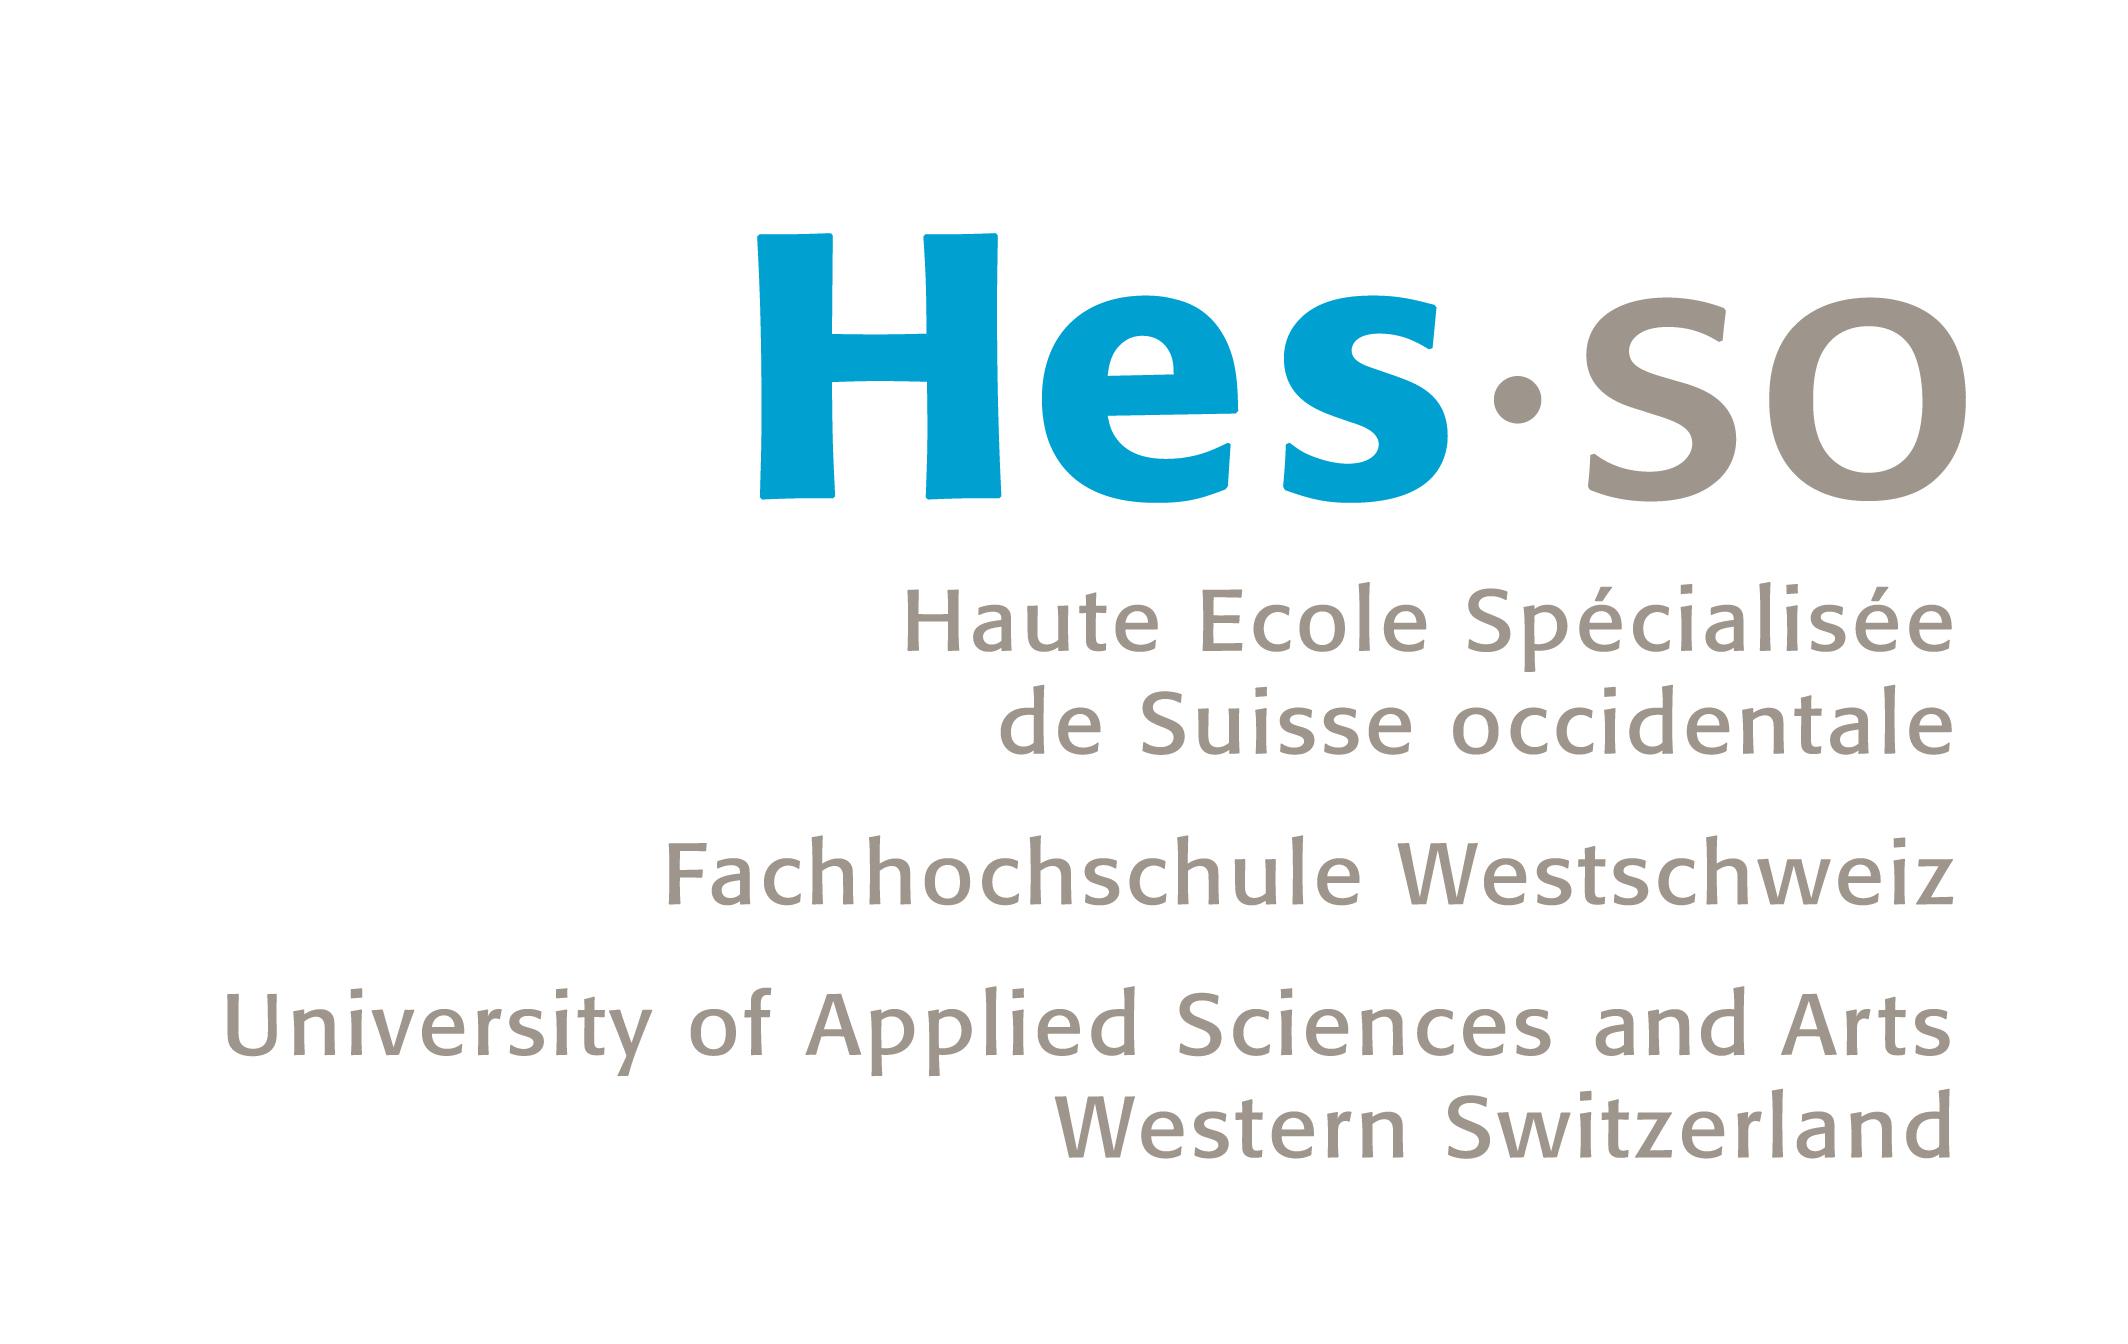 HESSO-instit-quadri+and Arts.jpg